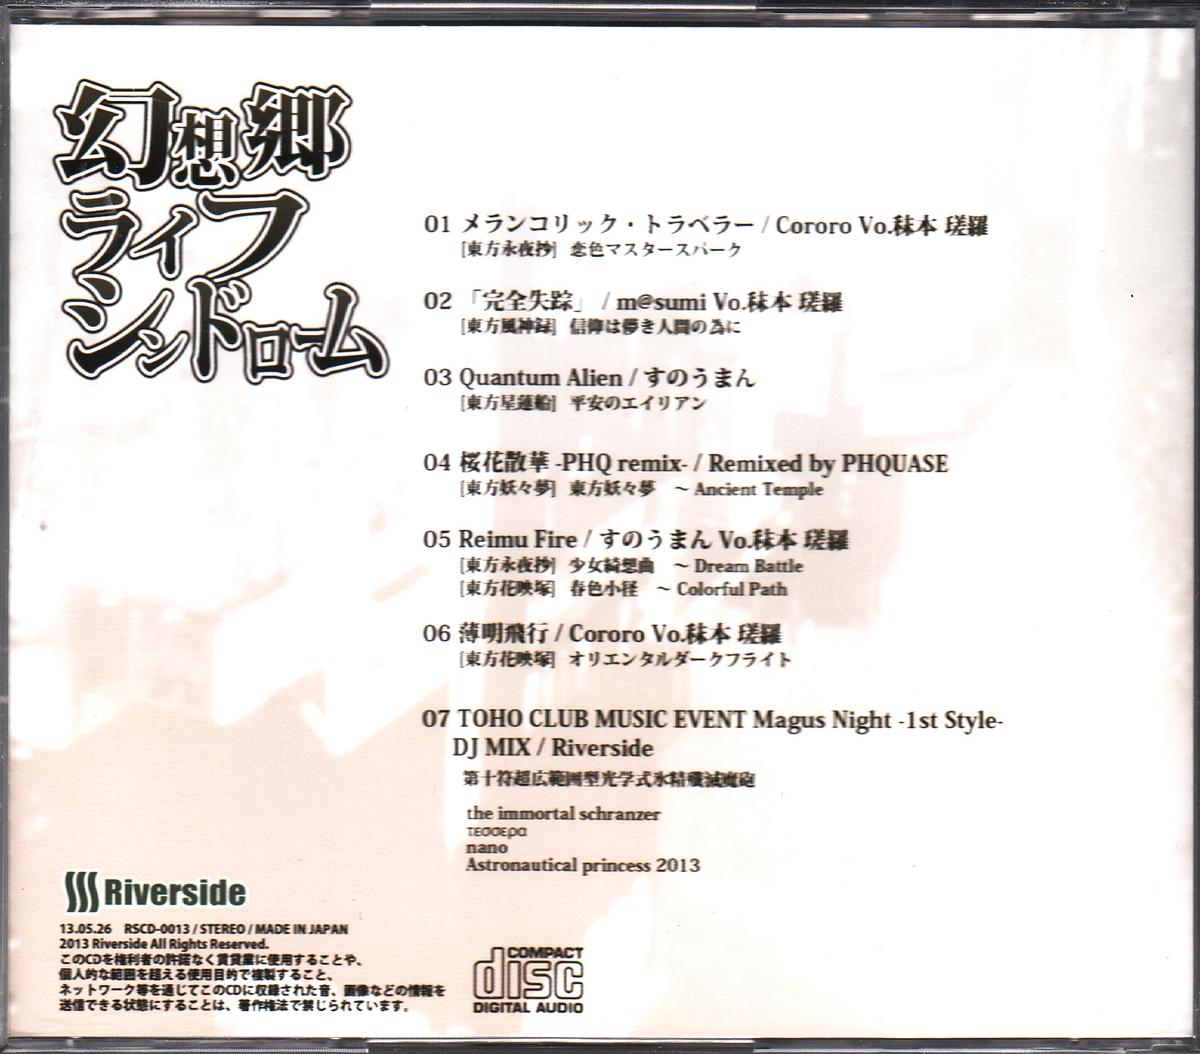 ★Riverside:幻想郷ライフシンドローム/13thアルバム,PHQUASE,東方アレンジ,ボーカル,ジャパメタ,メタル,ロック,エレクトロ,同人音楽_画像2